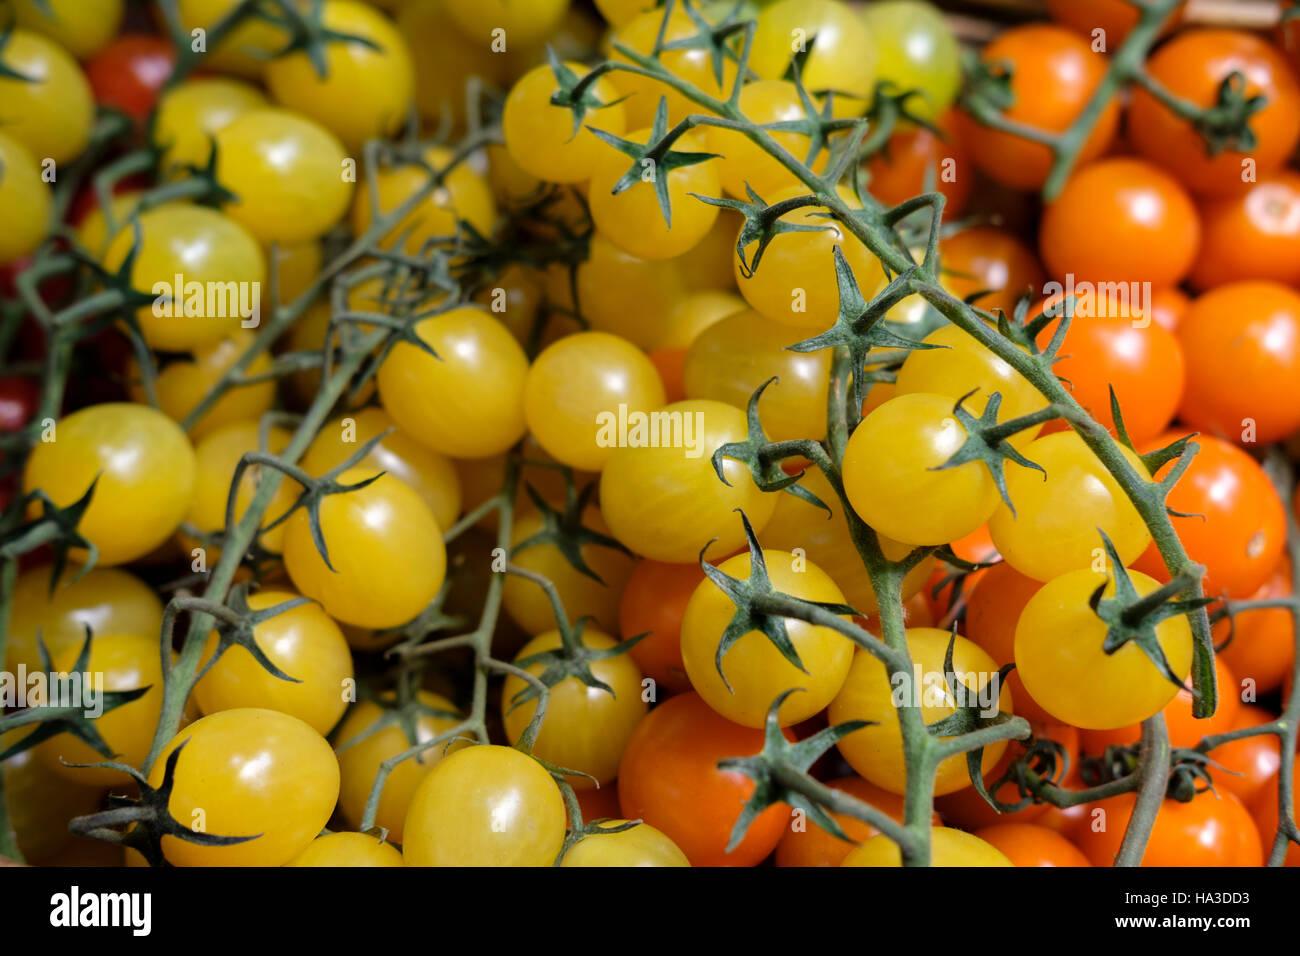 Baby tomatoes-Solanum lycopersicum - Stock Image